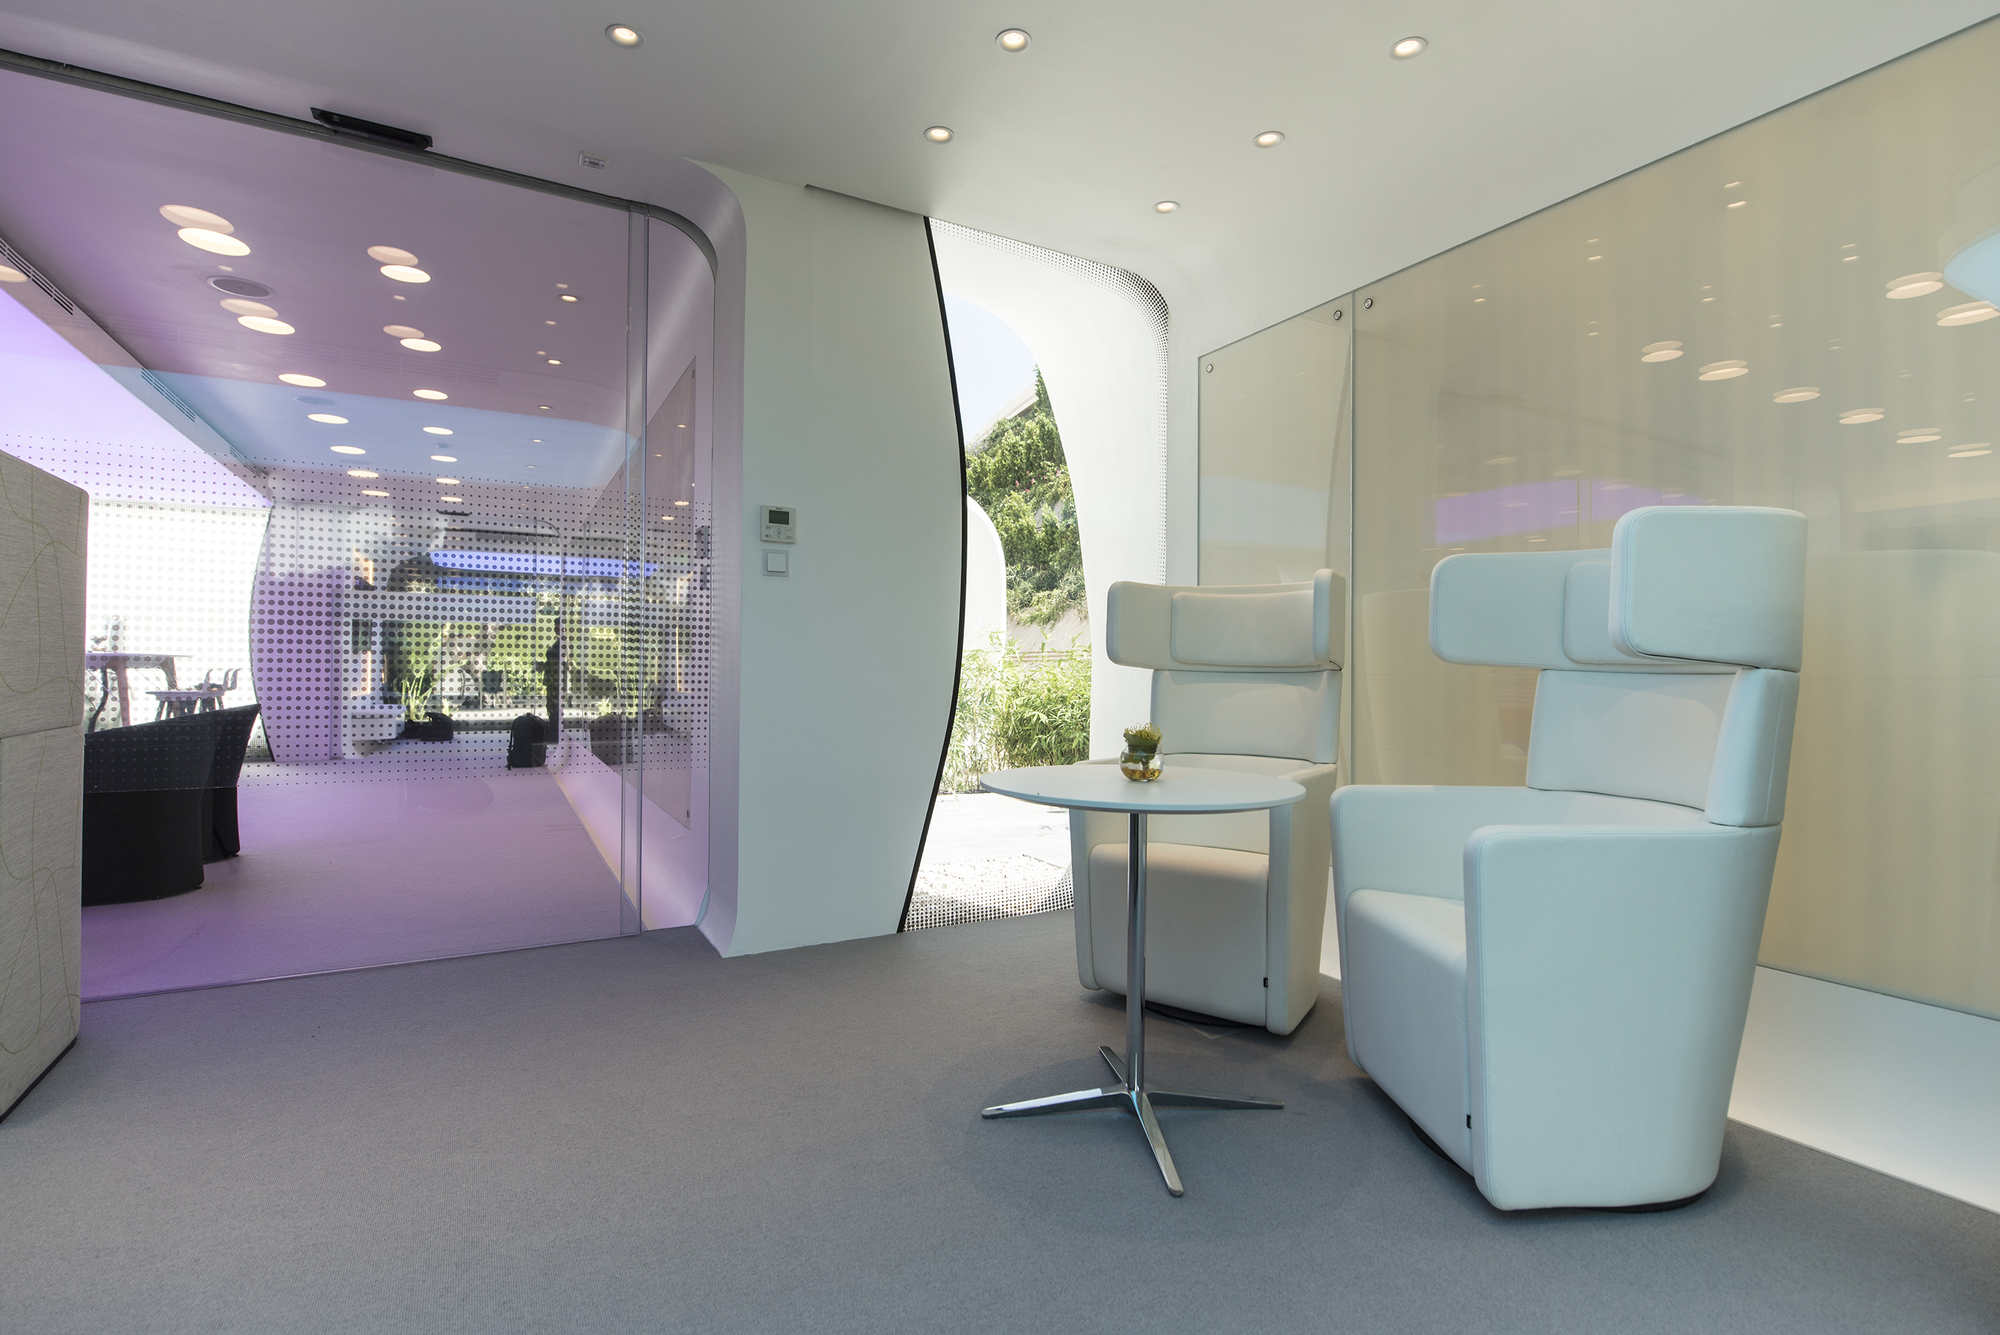 Gallery Of Office Of The Future Killa Design 10